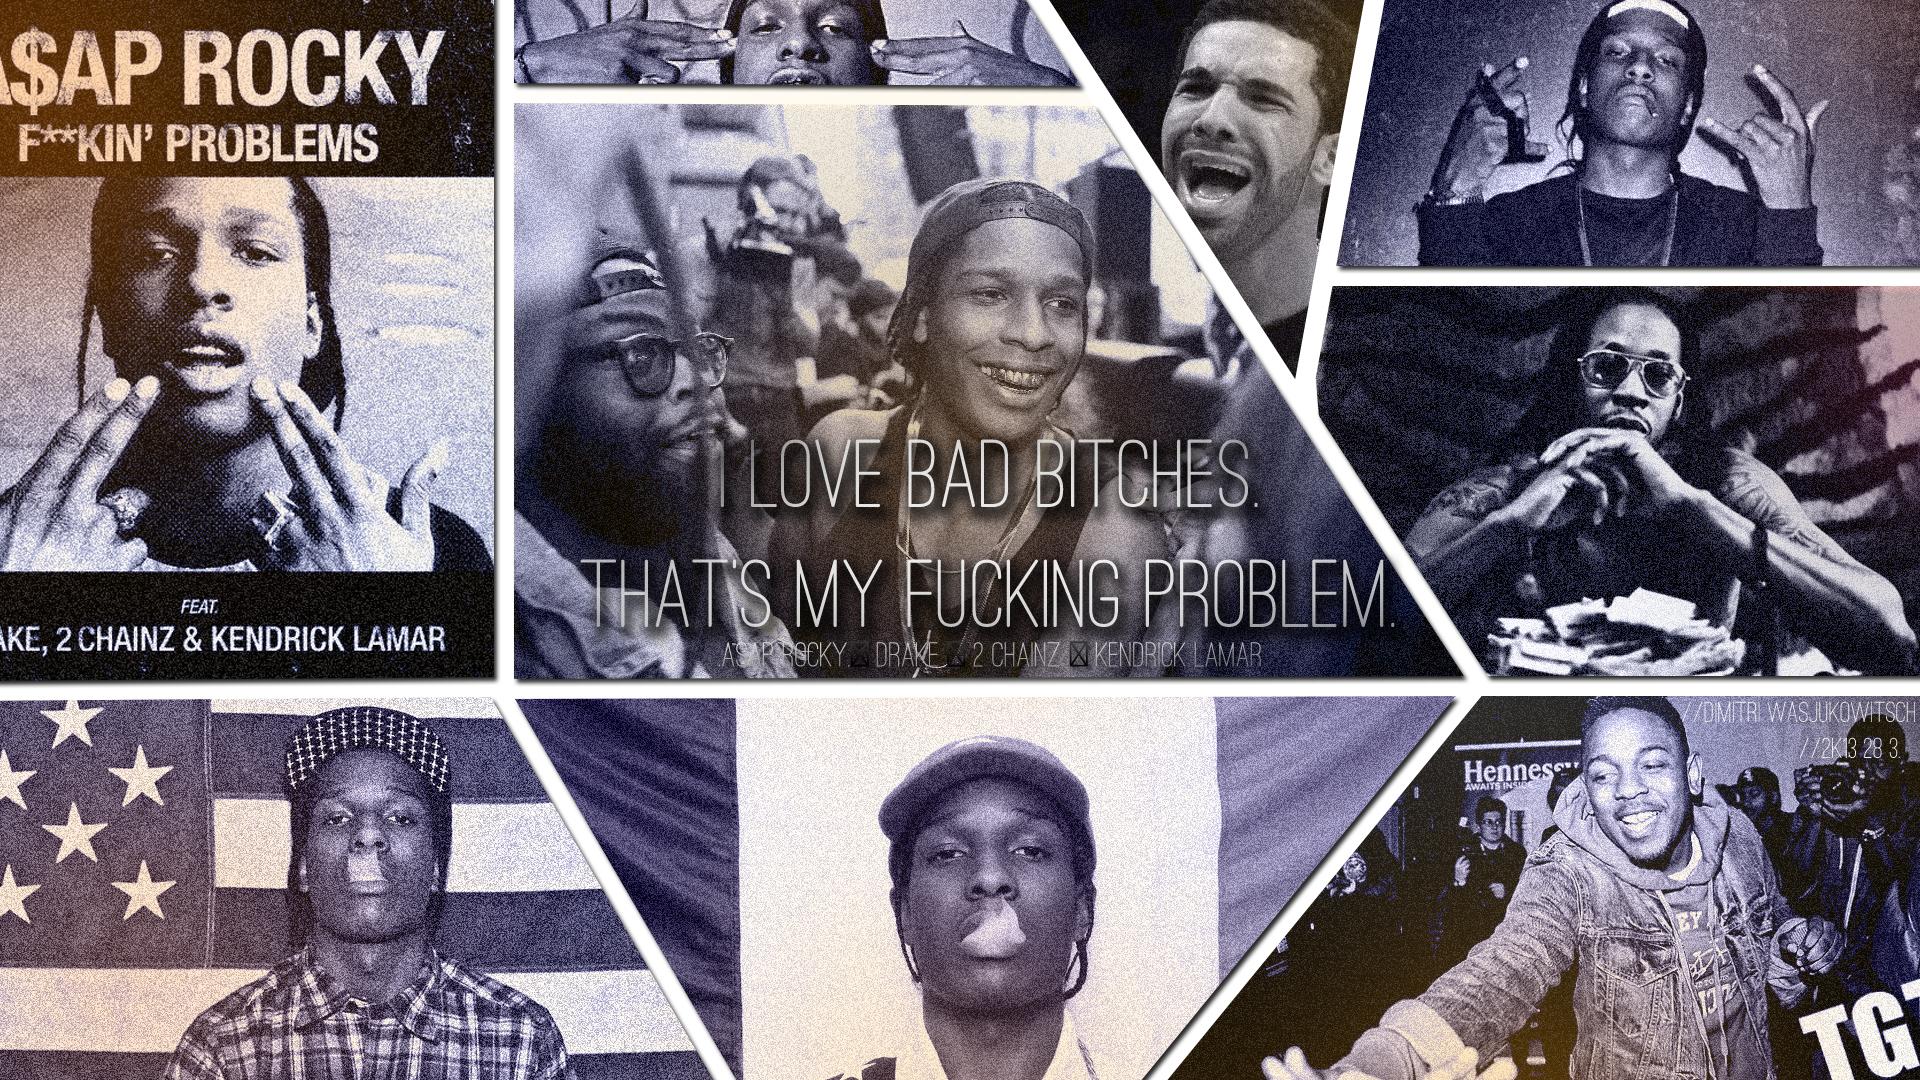 A Ap Rocky Drake 2 Chainz Kendrick Lamar Wallpaper By